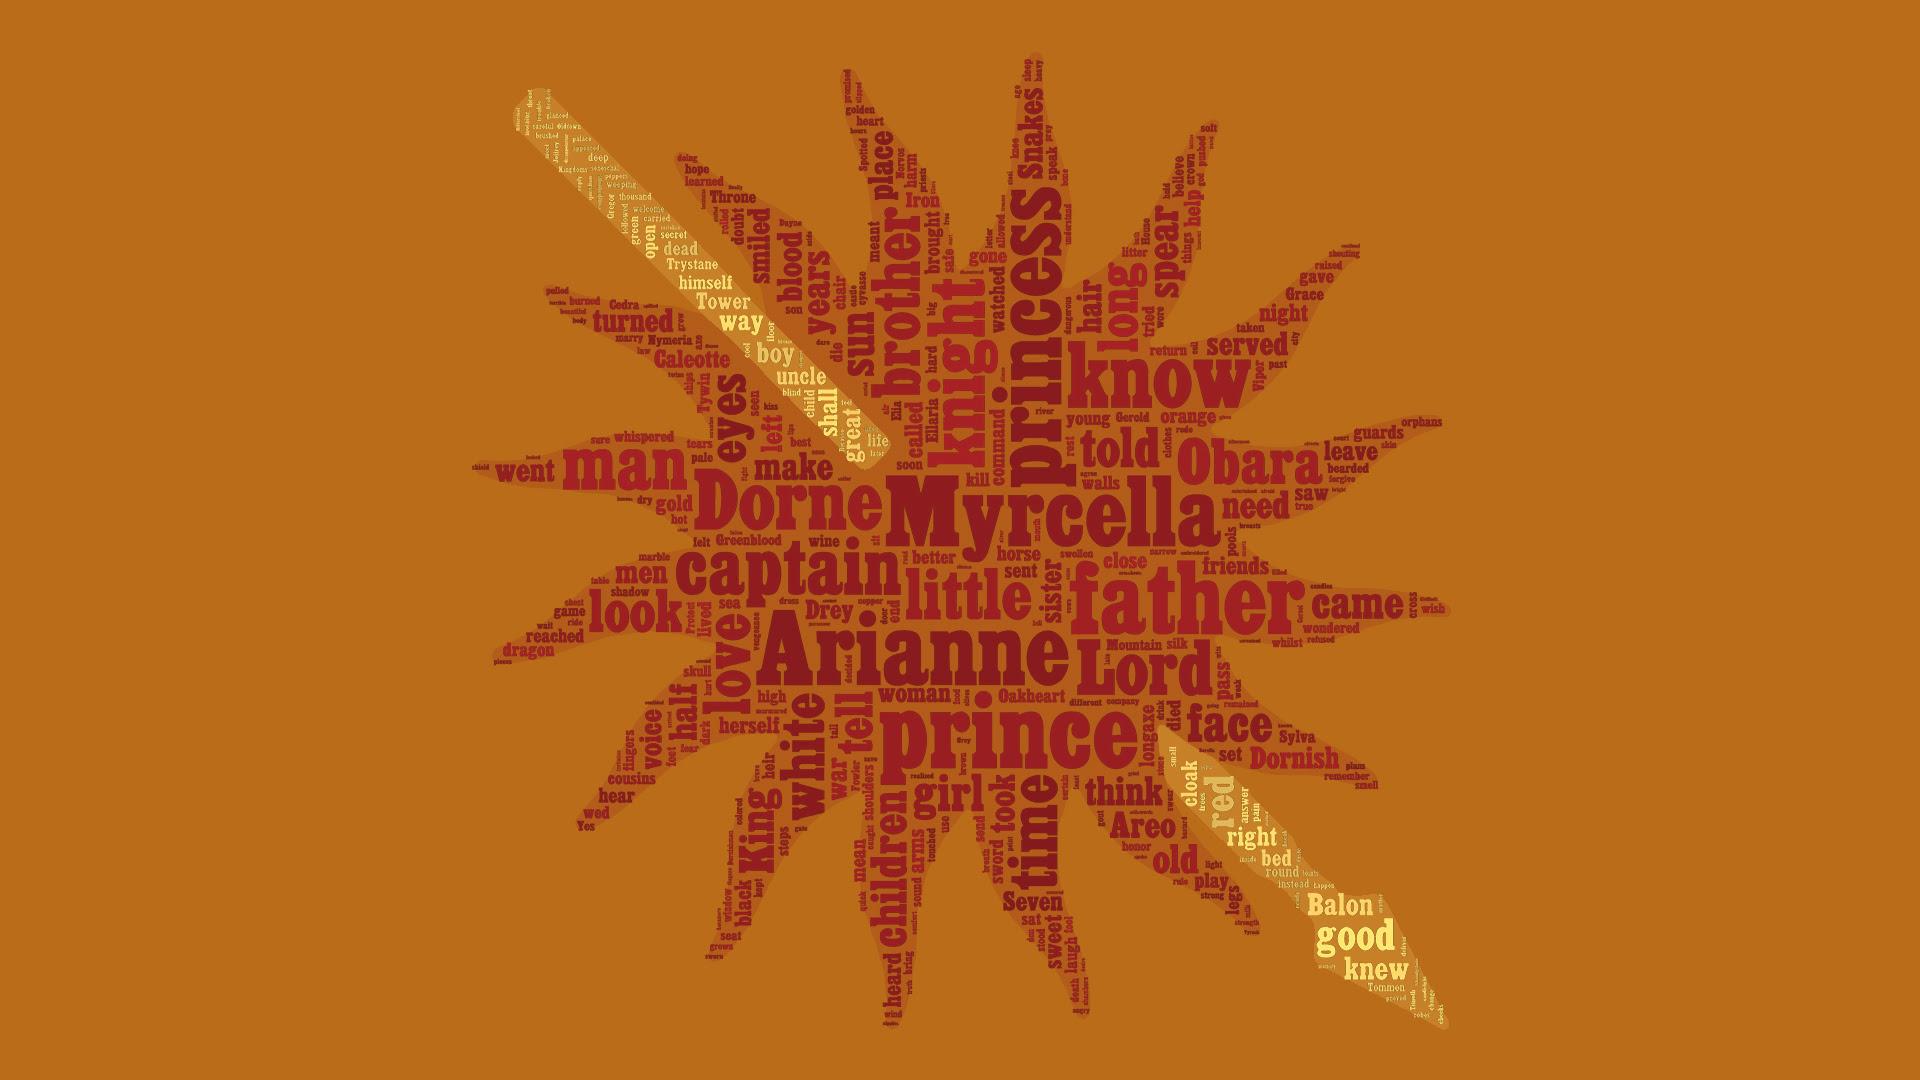 Asoiaf Word Nuvem Dorne As Cronicas De Gelo E Fogo Wallpaper